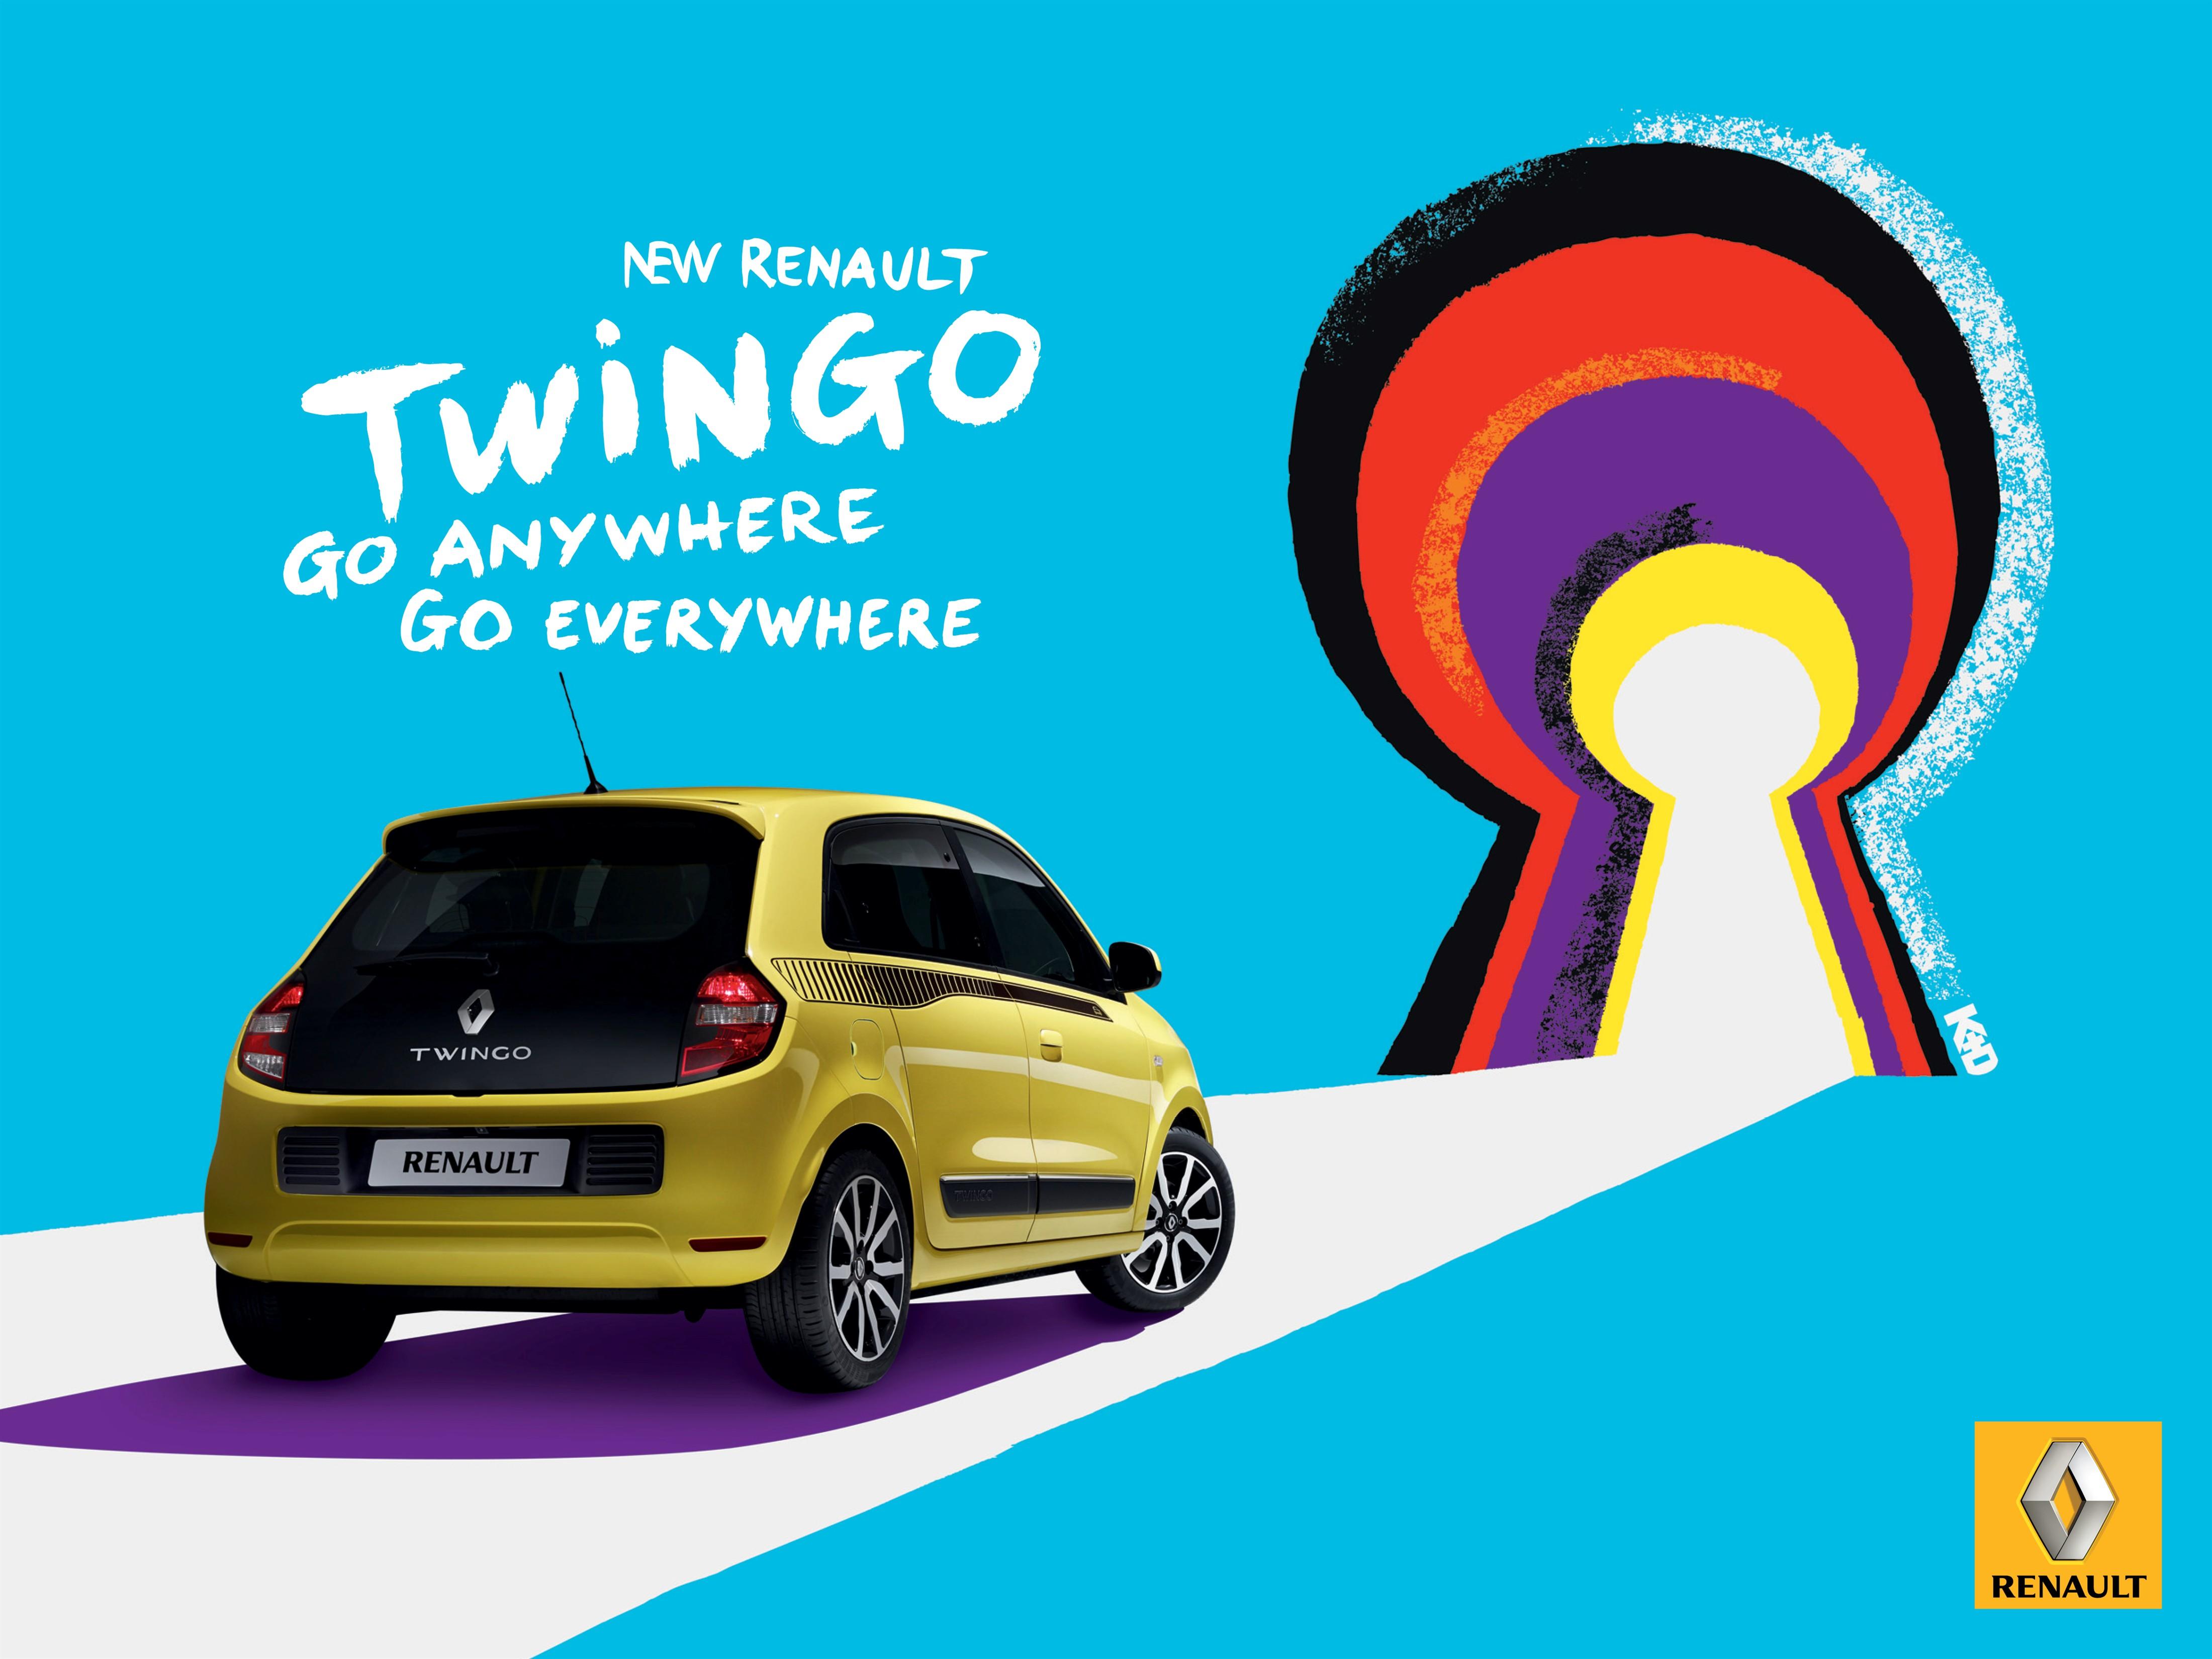 Nouvelle Twingo : « aller n'importe où, aller partout » nouvelle campagne pub chez Renault